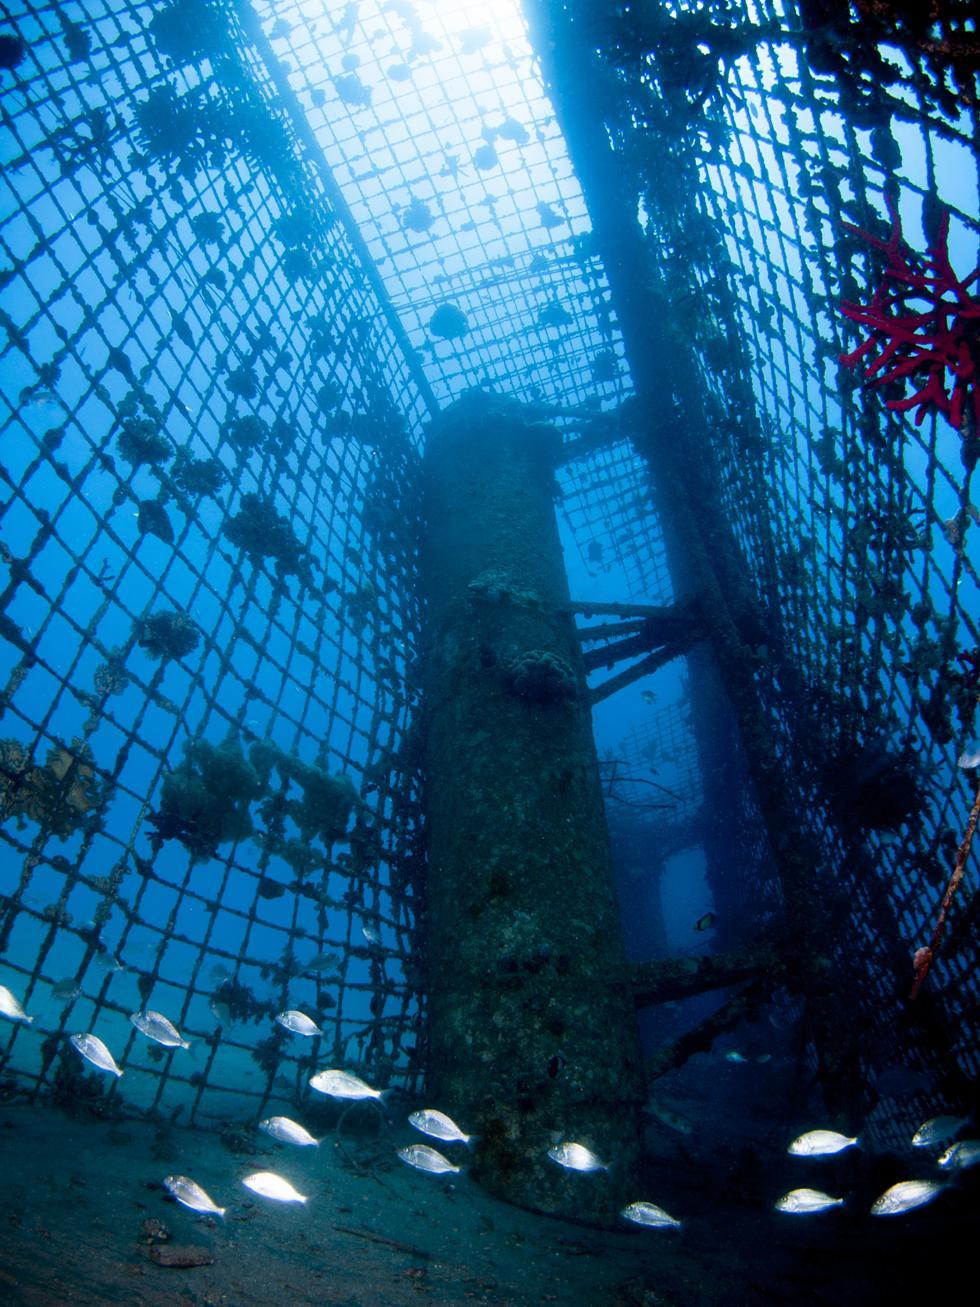 להקת דניסים, שהגיעו מכלובי הדגים שפעם היו במפרץ, התאקלמו במבנים המורכבים שבפתח המעגן (צילום:חגי נתיב)